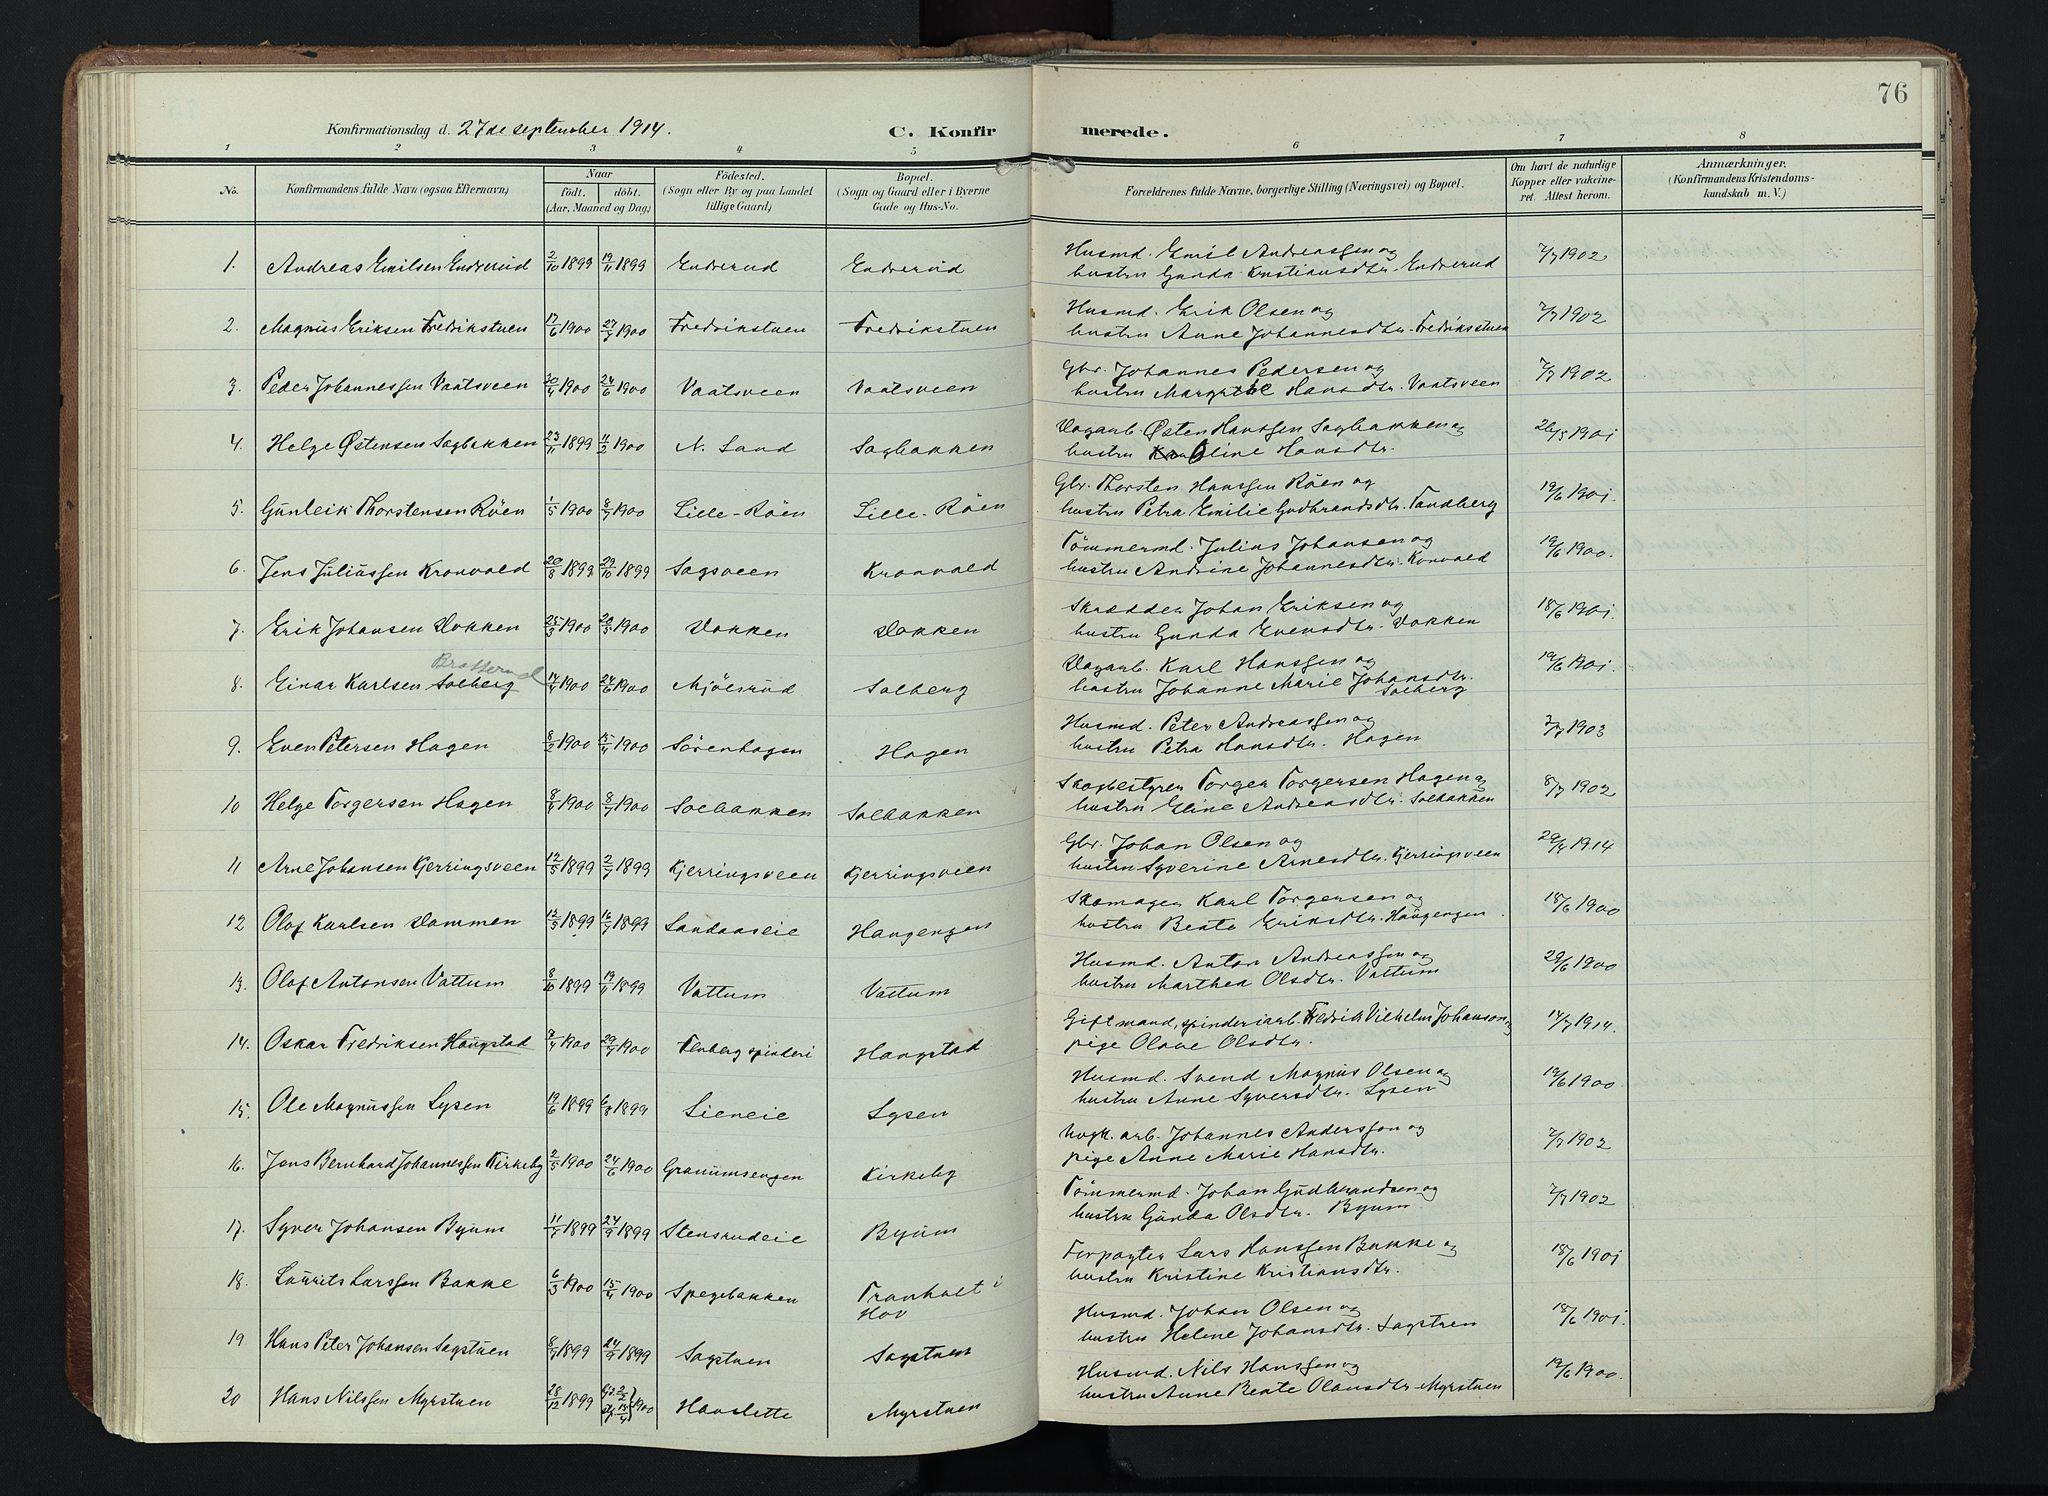 SAH, Søndre Land prestekontor, K/L0005: Ministerialbok nr. 5, 1905-1914, s. 76